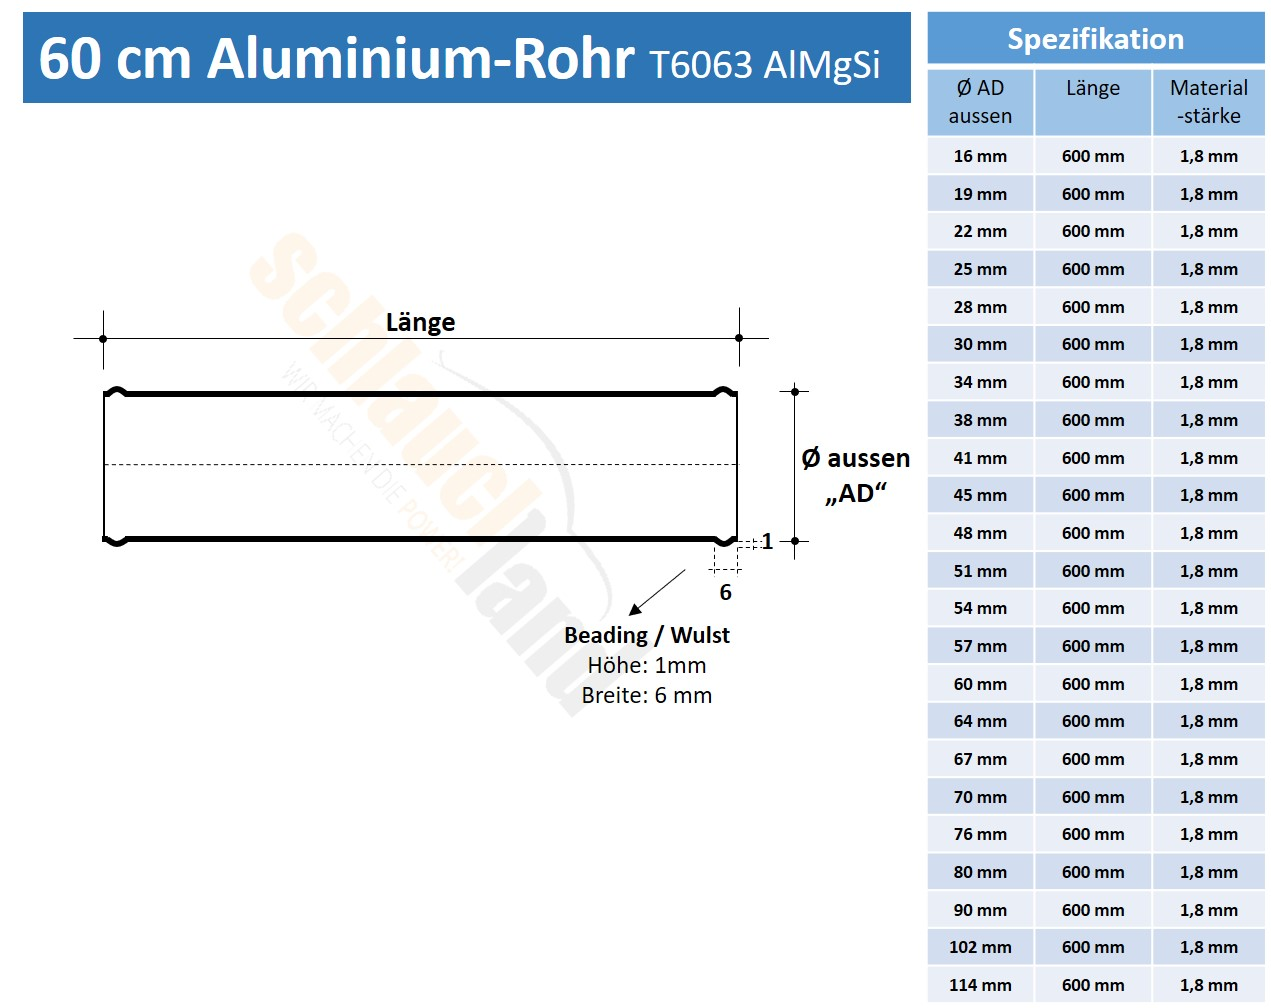 Datenblatt Alu-Rohr 60cm